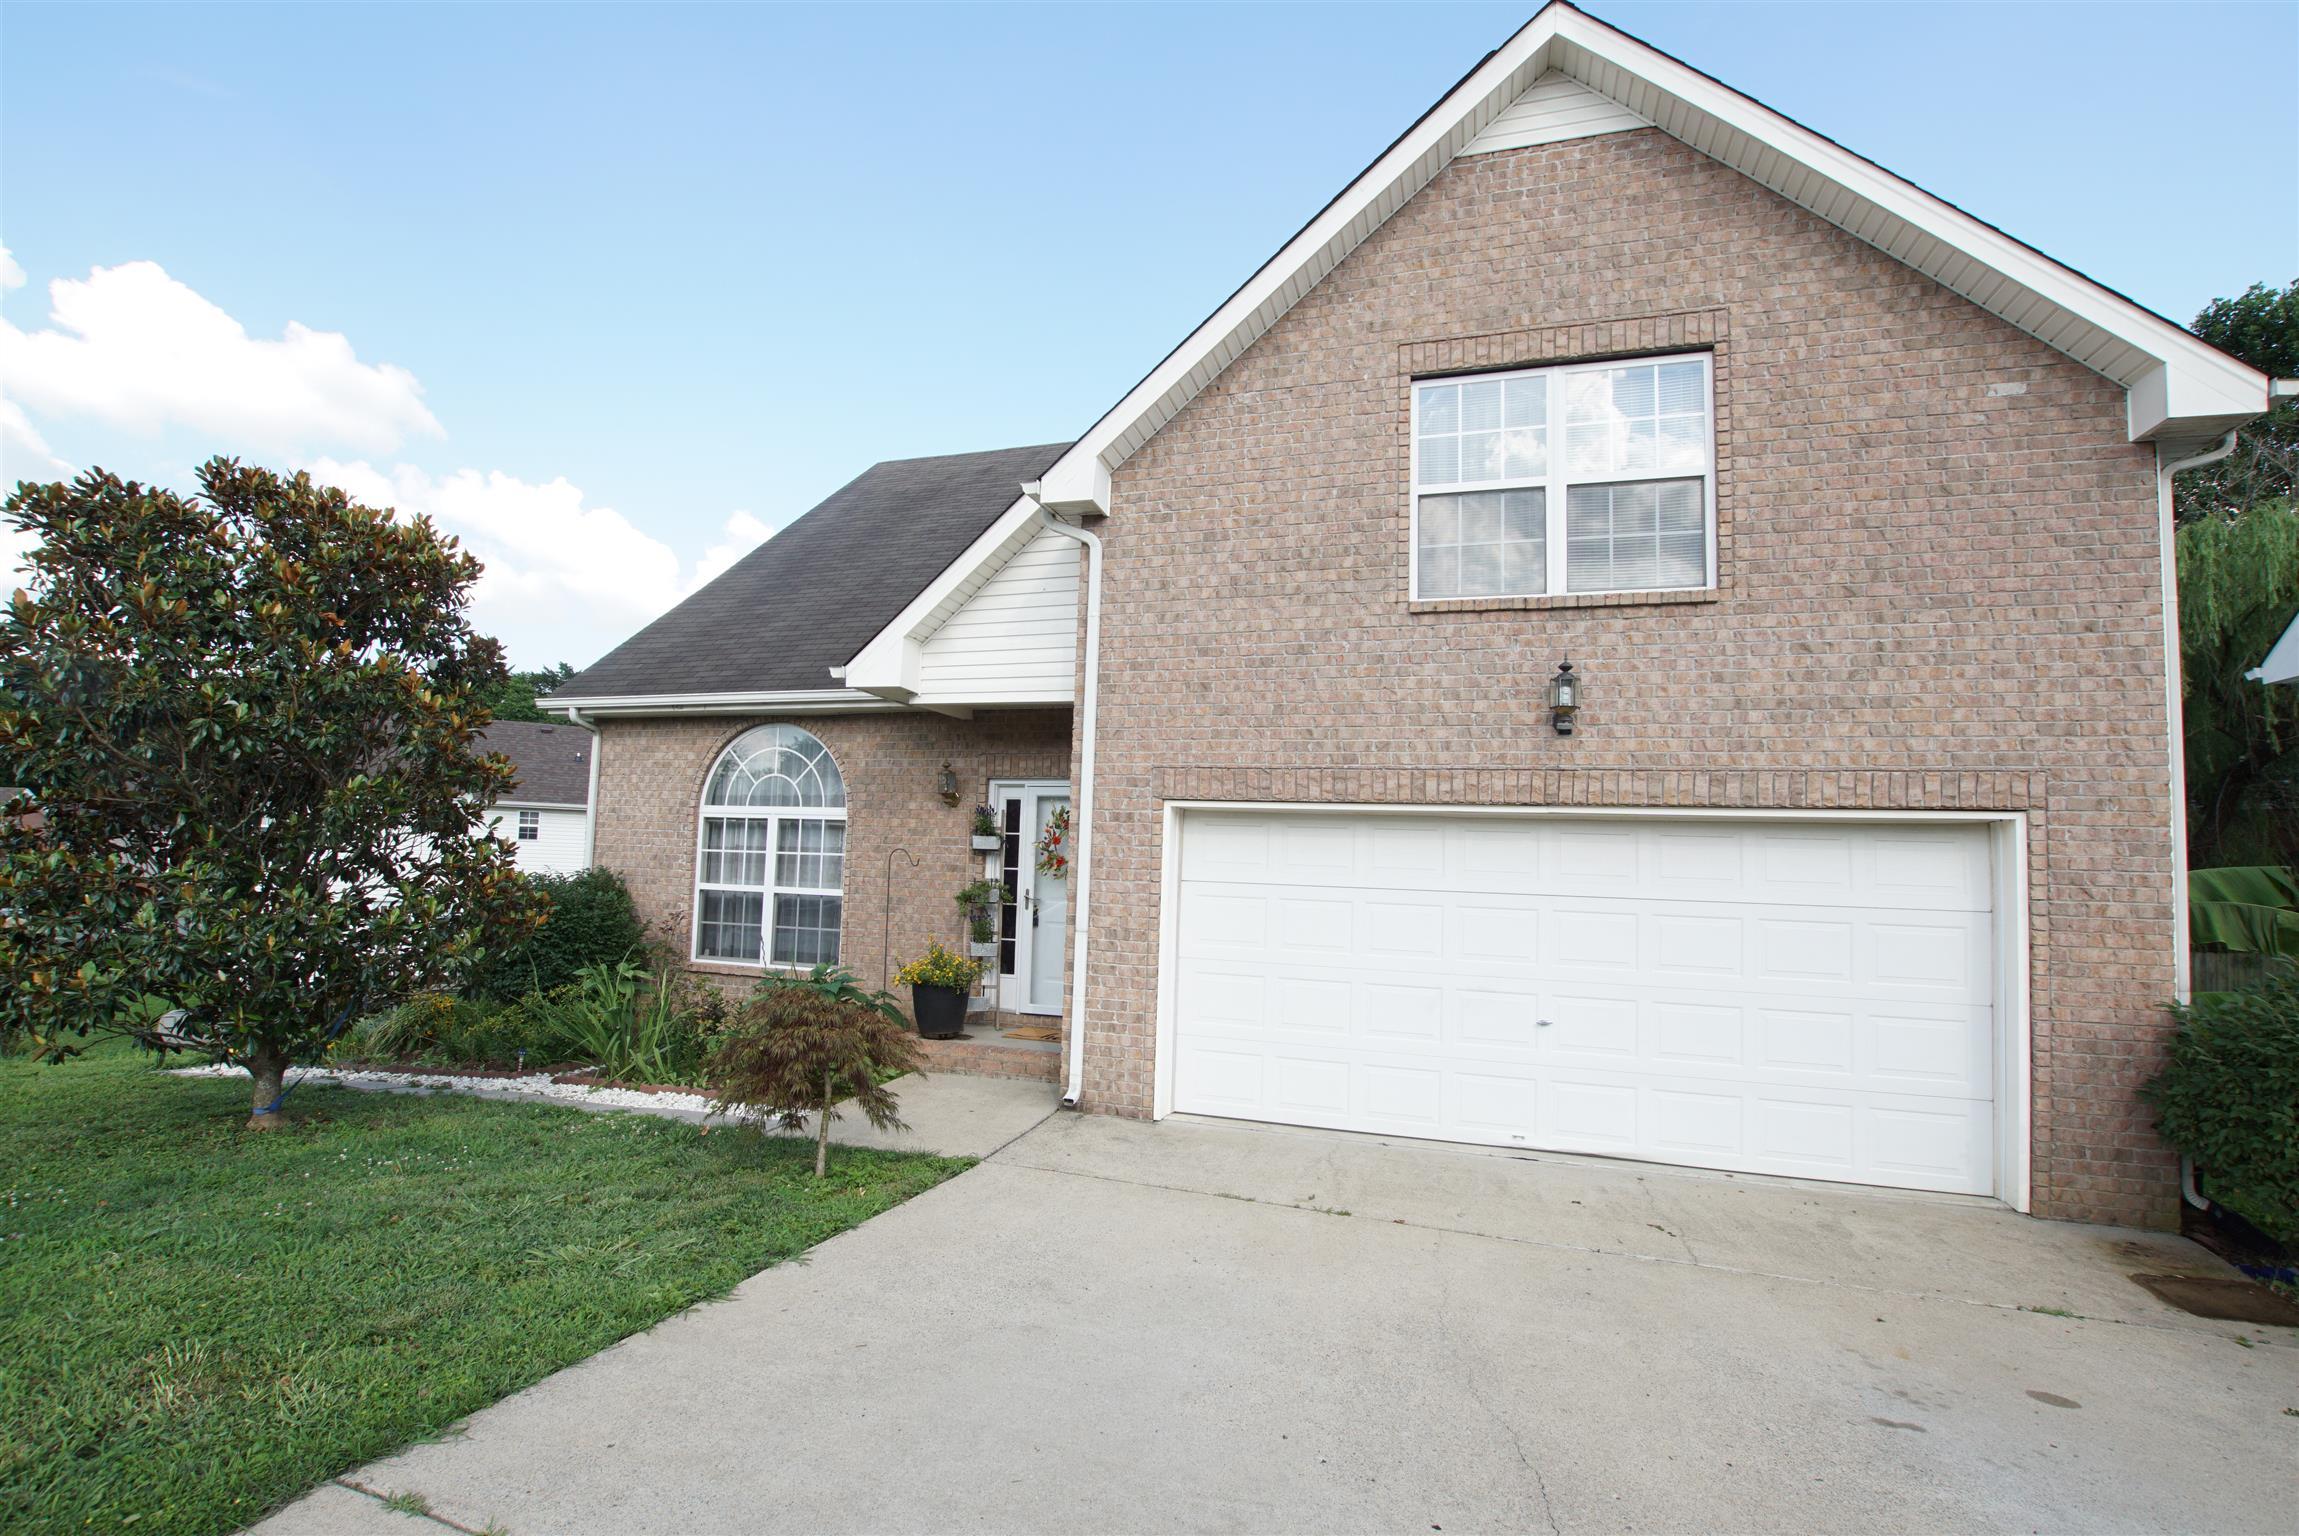 282 Iris Dr, Hendersonville, TN 37075 - Hendersonville, TN real estate listing